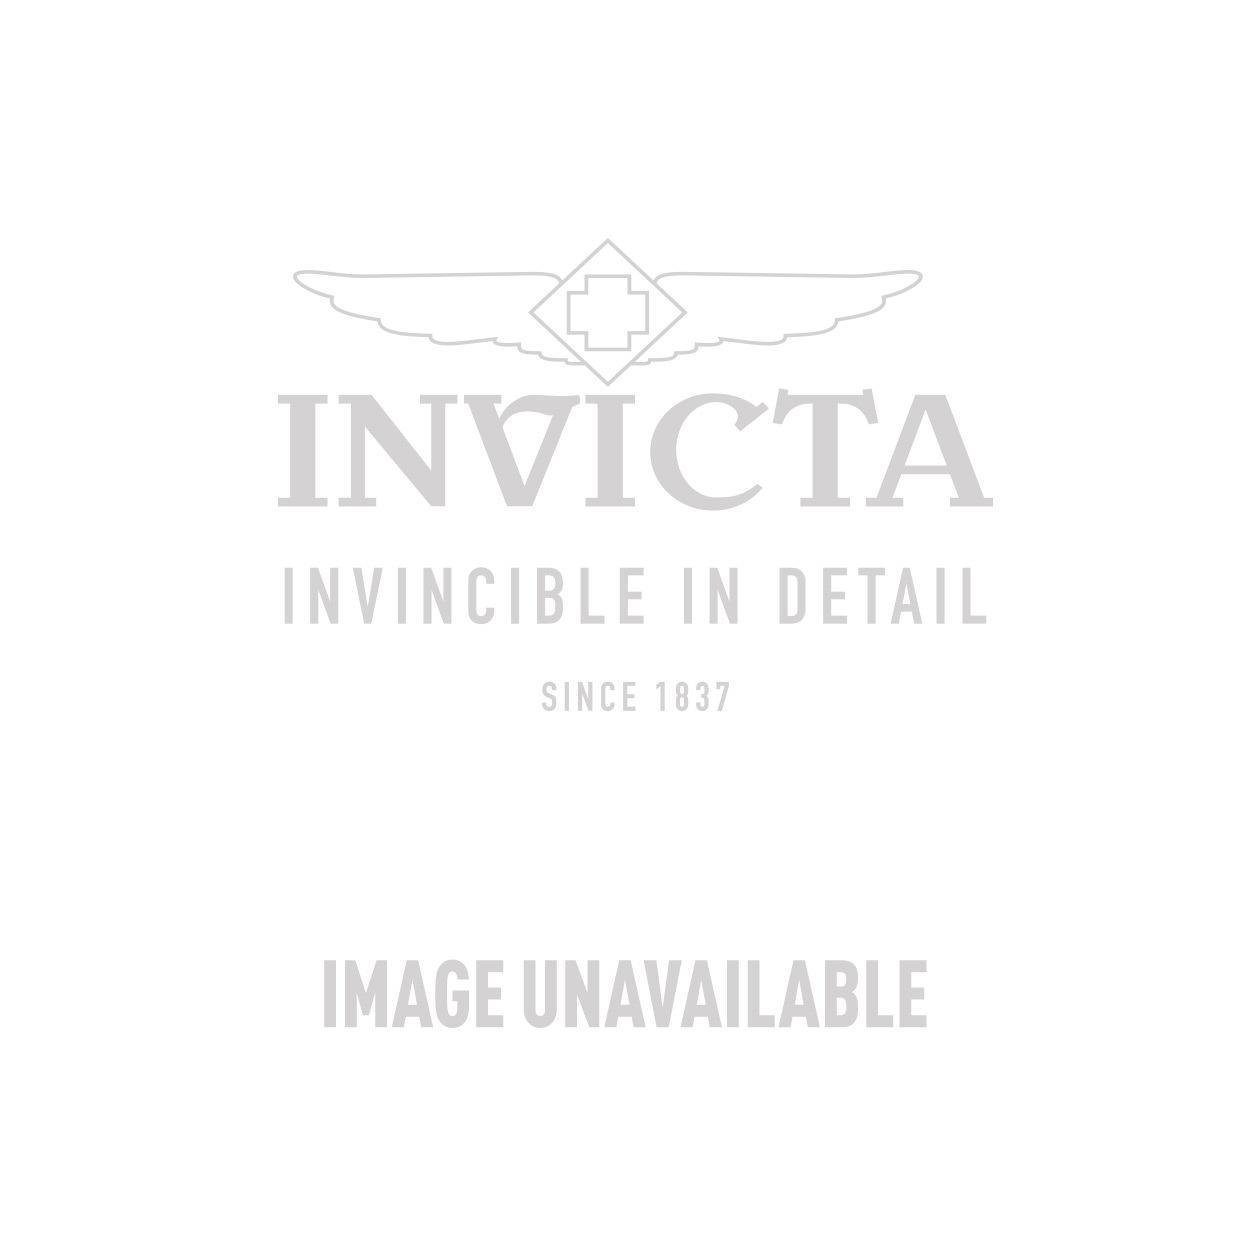 Invicta Model 24680